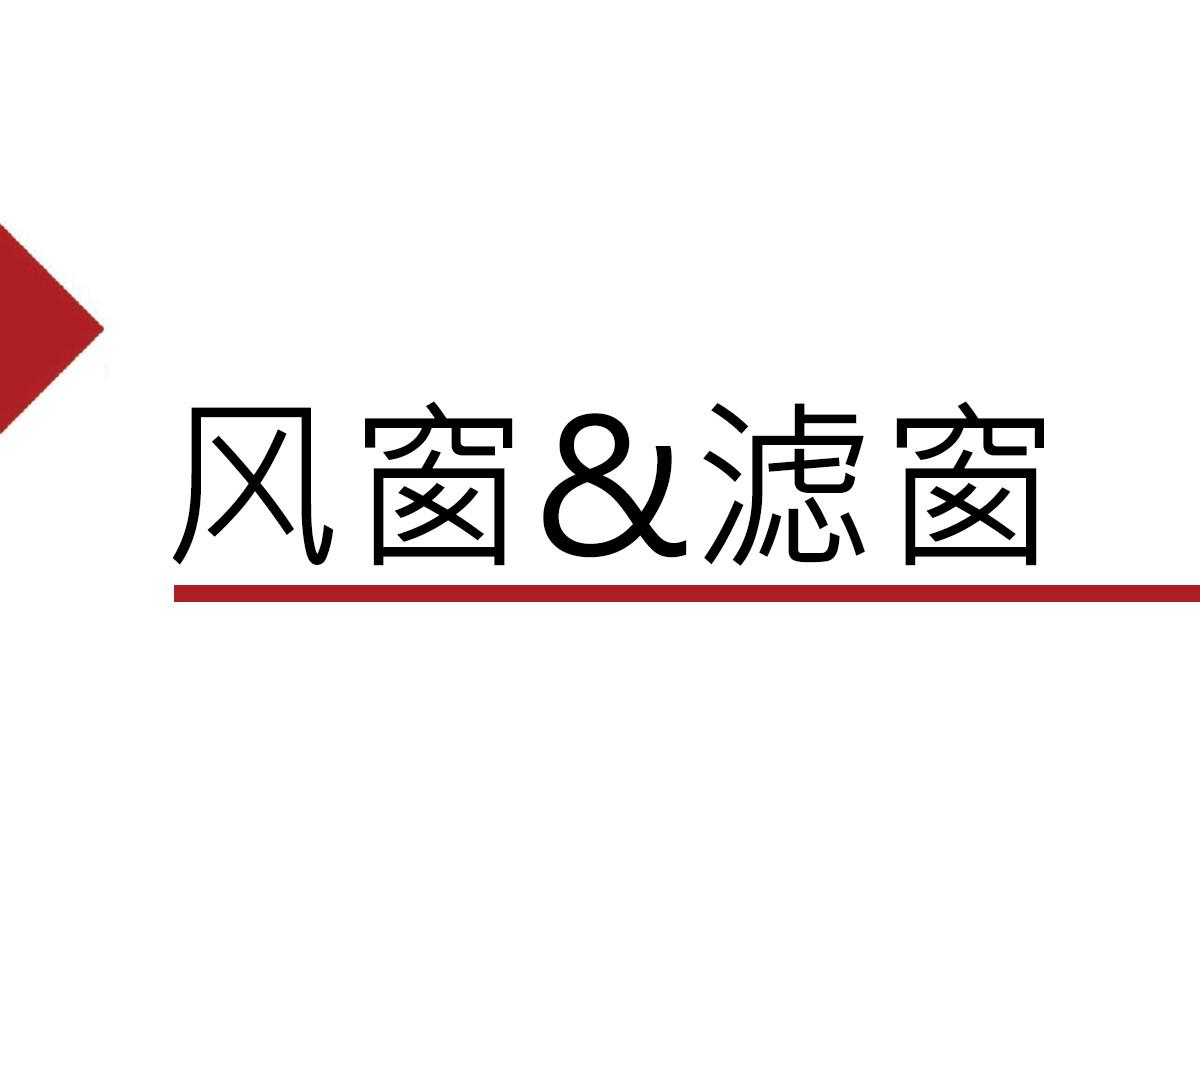 風窗(chuang)及濾窗(chuang)